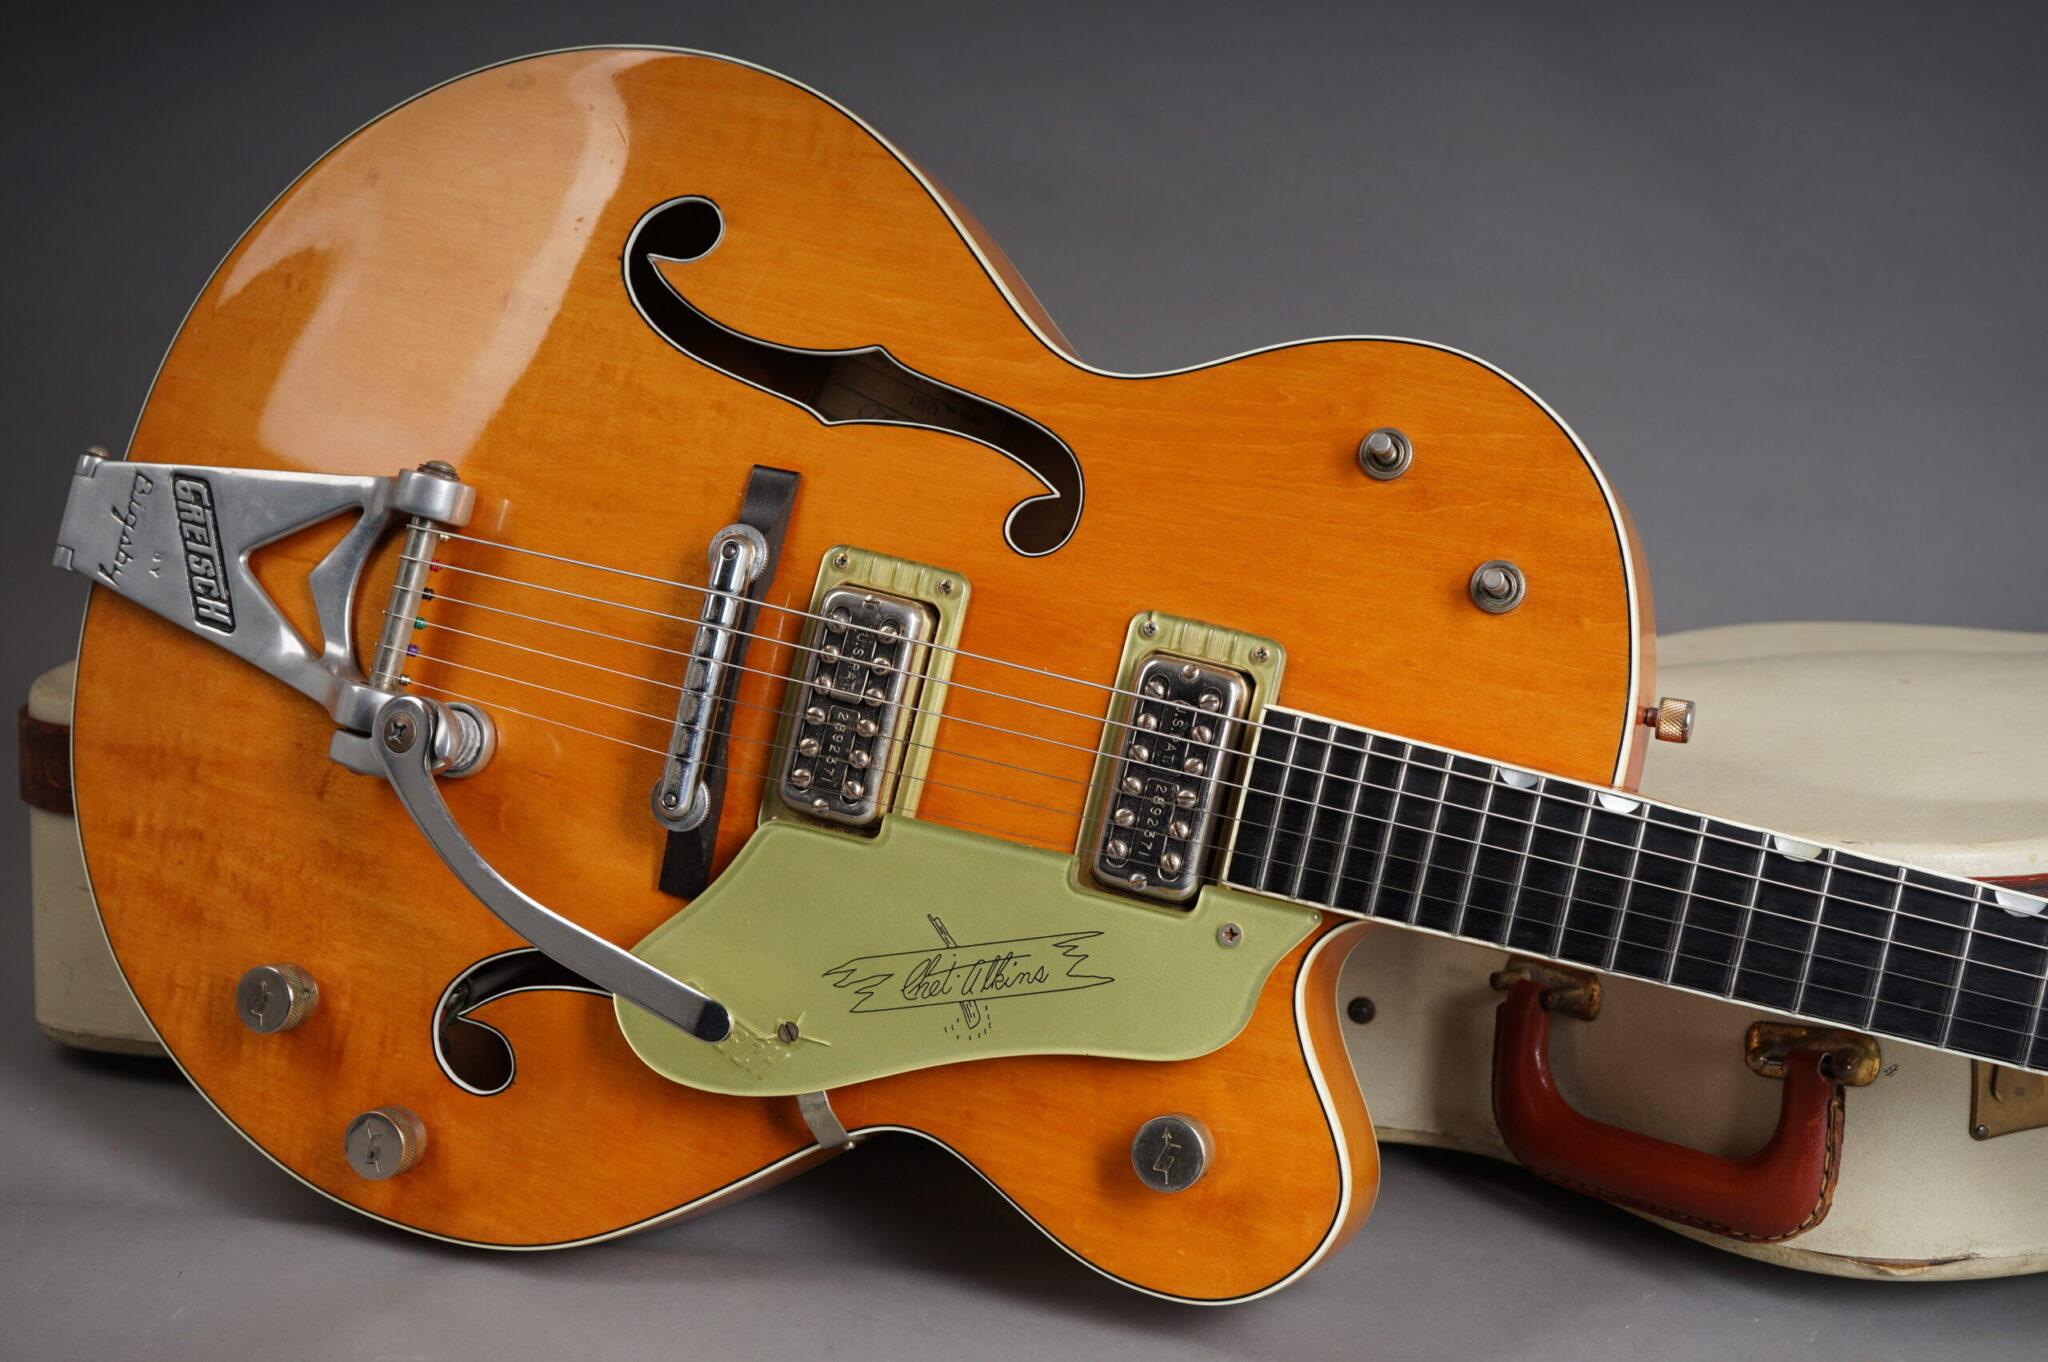 https://guitarpoint.de/app/uploads/products/1961-gretsch-6120/1961-Gretsch-6120-Orange-42367-9-scaled-2048x1362.jpg